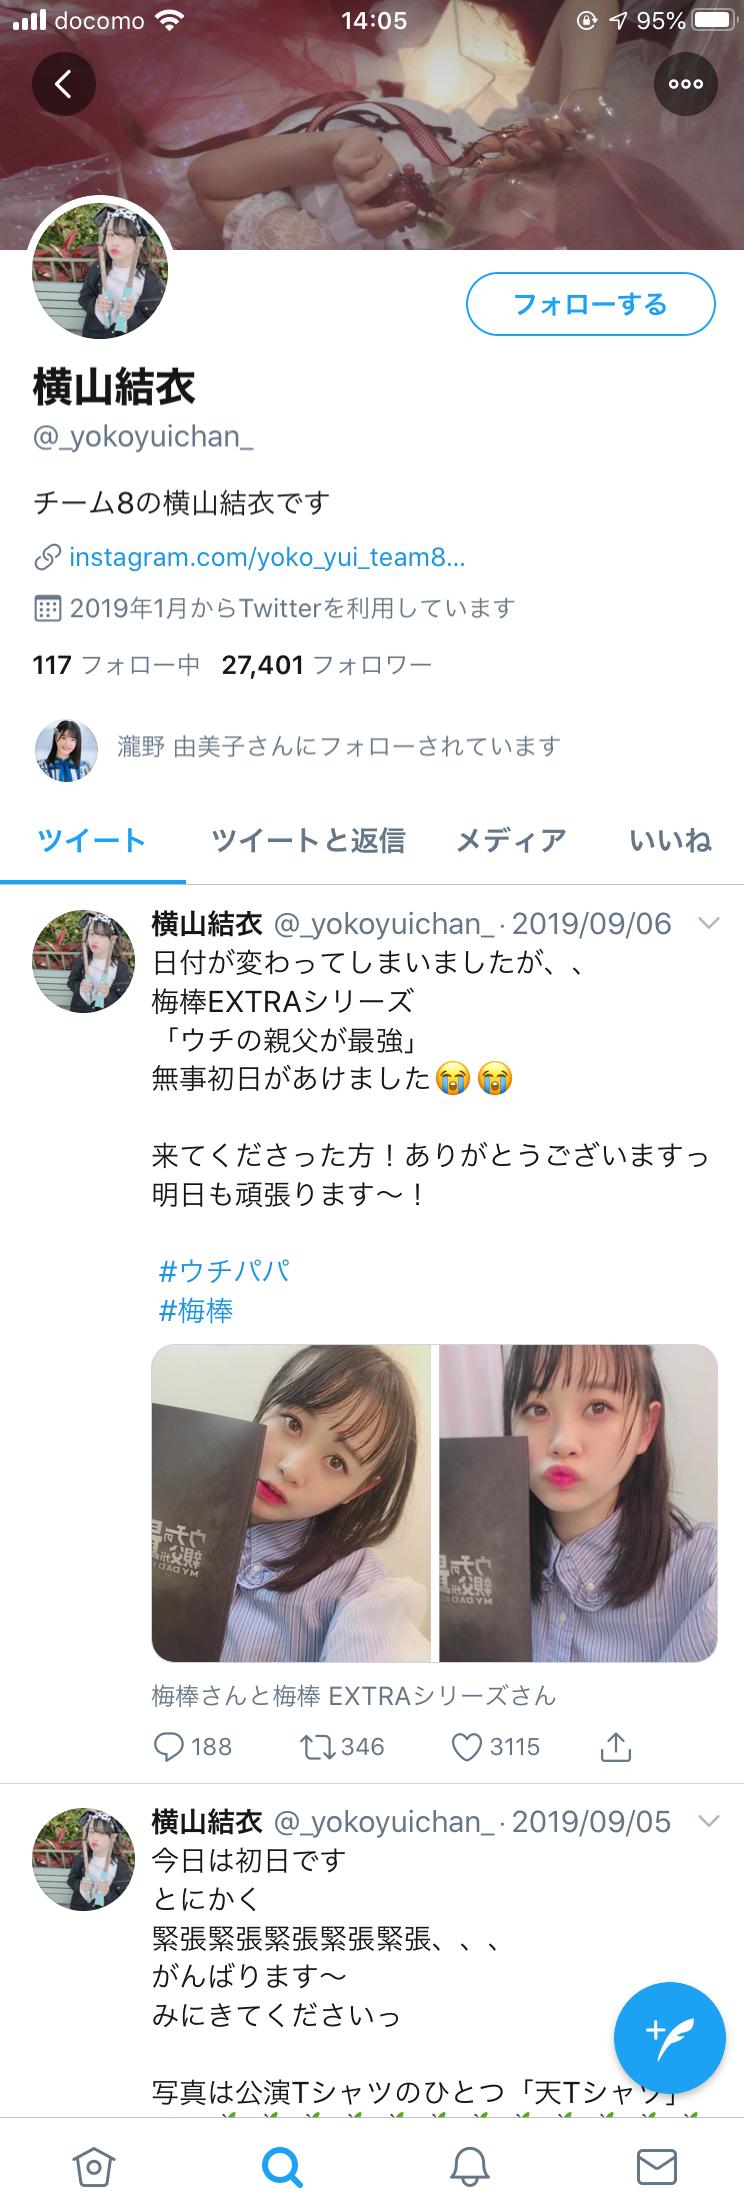 8 横山 卒業 チーム 結衣 【朗報】チーム8横山結衣卒業発表